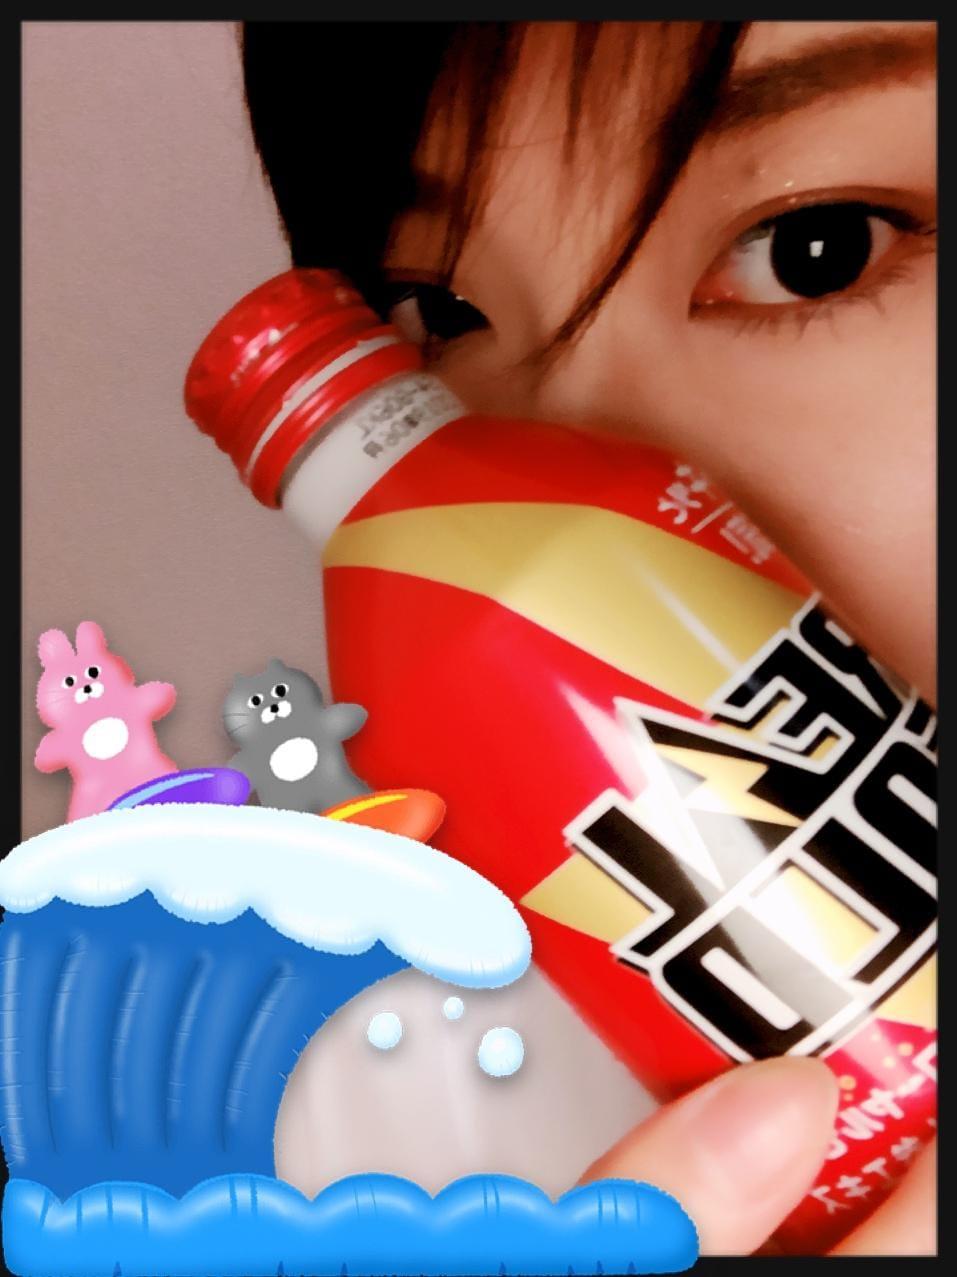 「関係ない!?笑」09/26(水) 23:37 | 瑞希-みずきの写メ・風俗動画